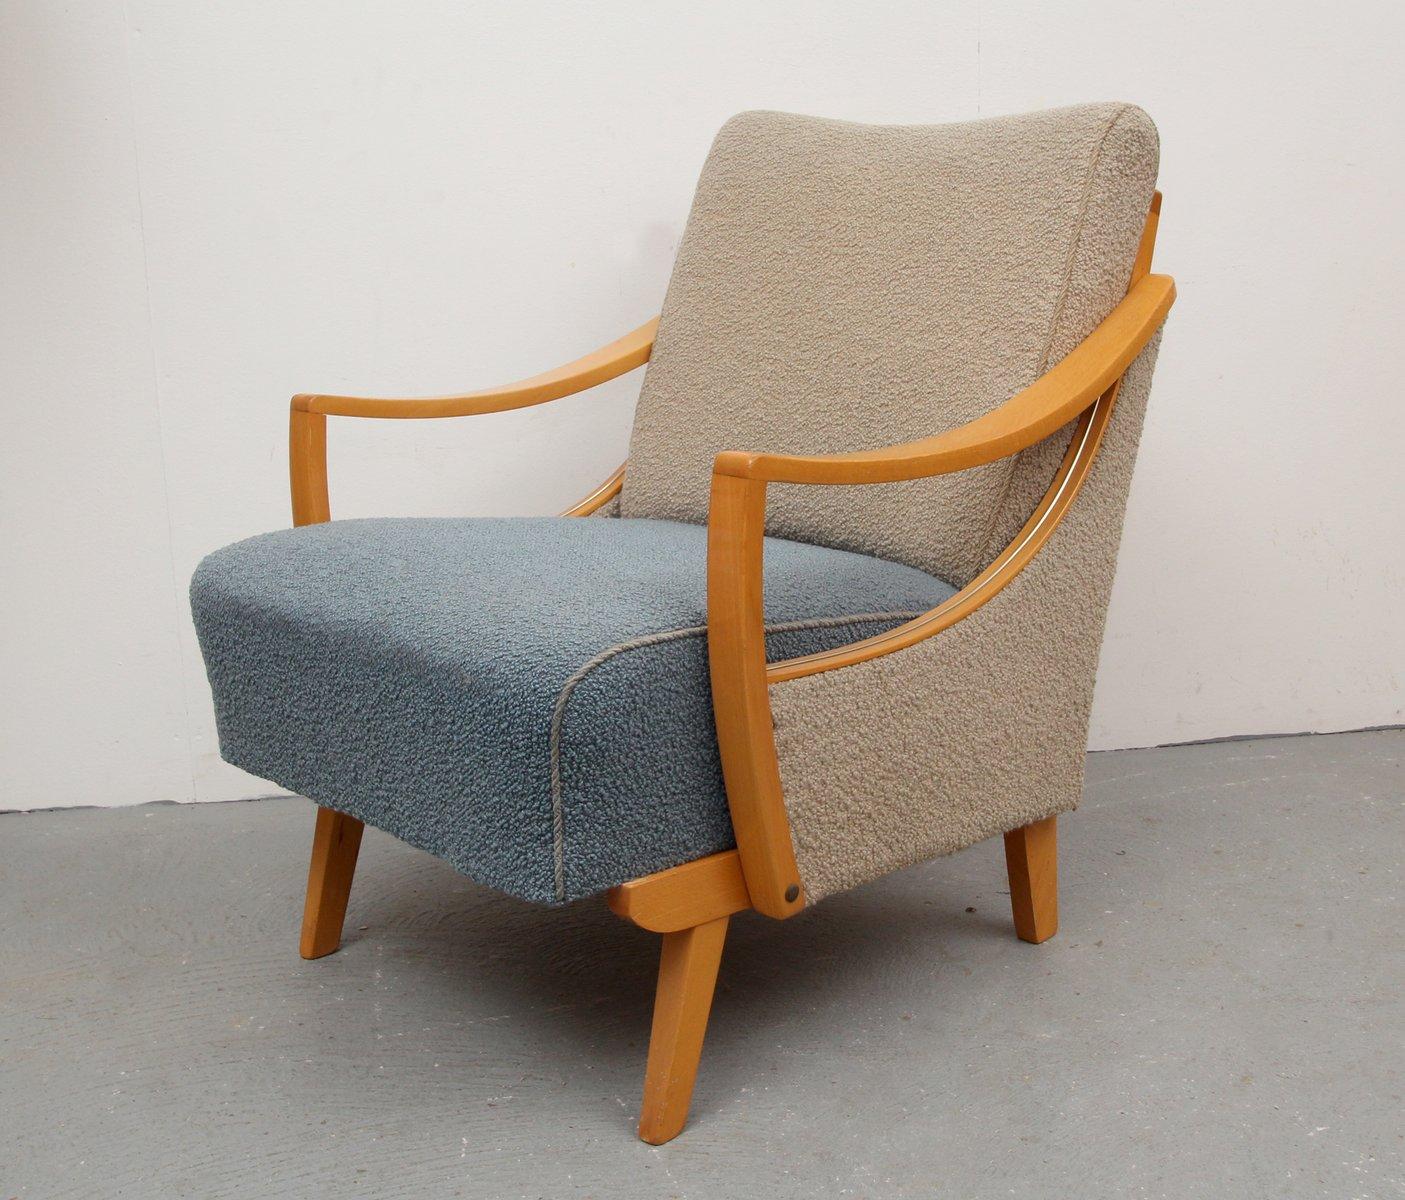 fauteuil bicolore beige et bleu canard 1950s 1 Résultat Supérieur 50 Inspirant Fauteuil Bleu Paon Pic 2017 Kae2